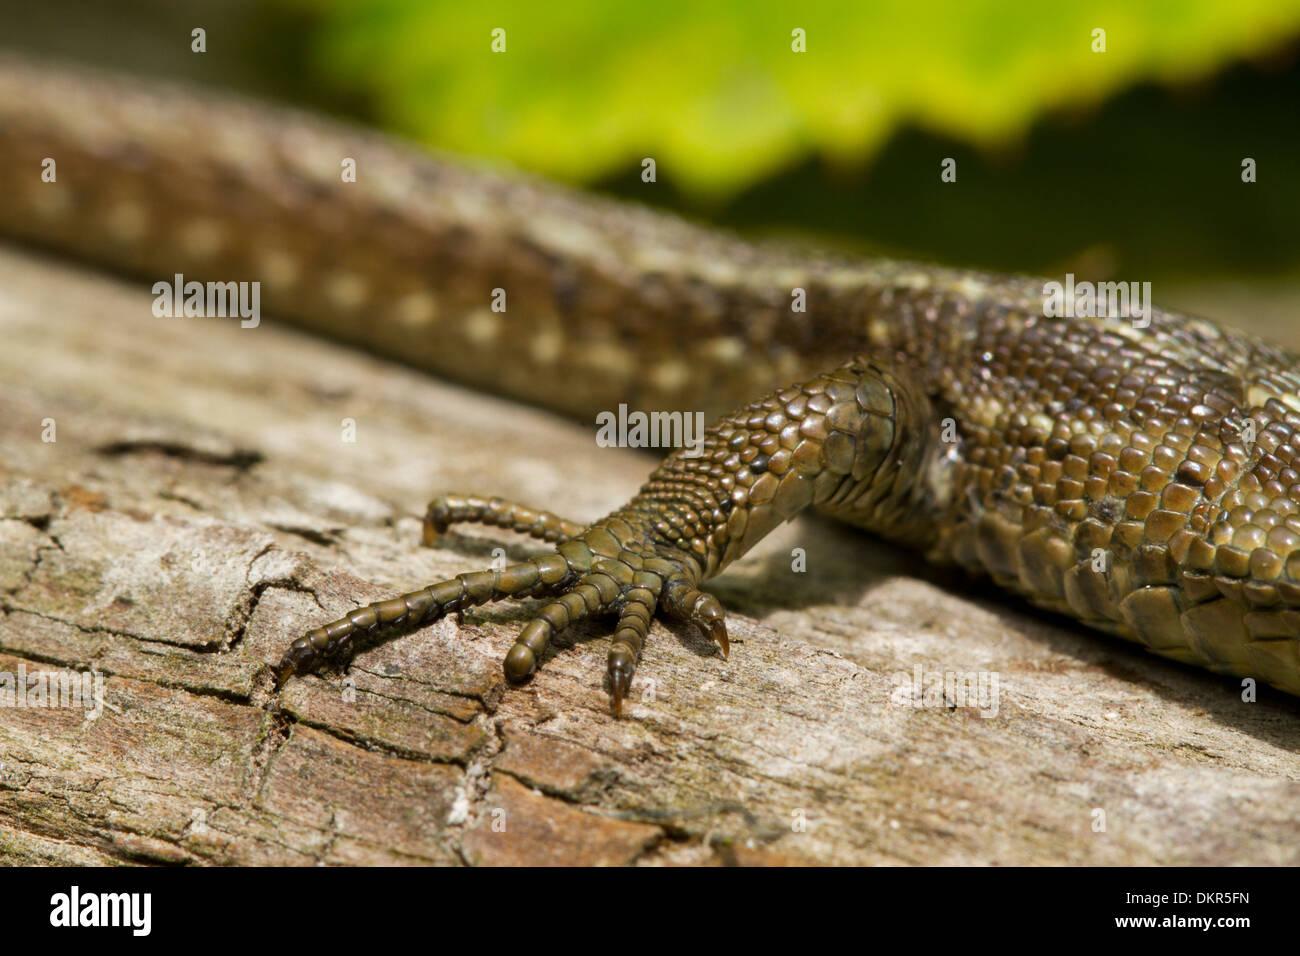 Común o lagarto ovíparos (Zootoca vivipara) cerca de las patas traseras de una hembra adulta de regodearse en un registro. Foto de stock